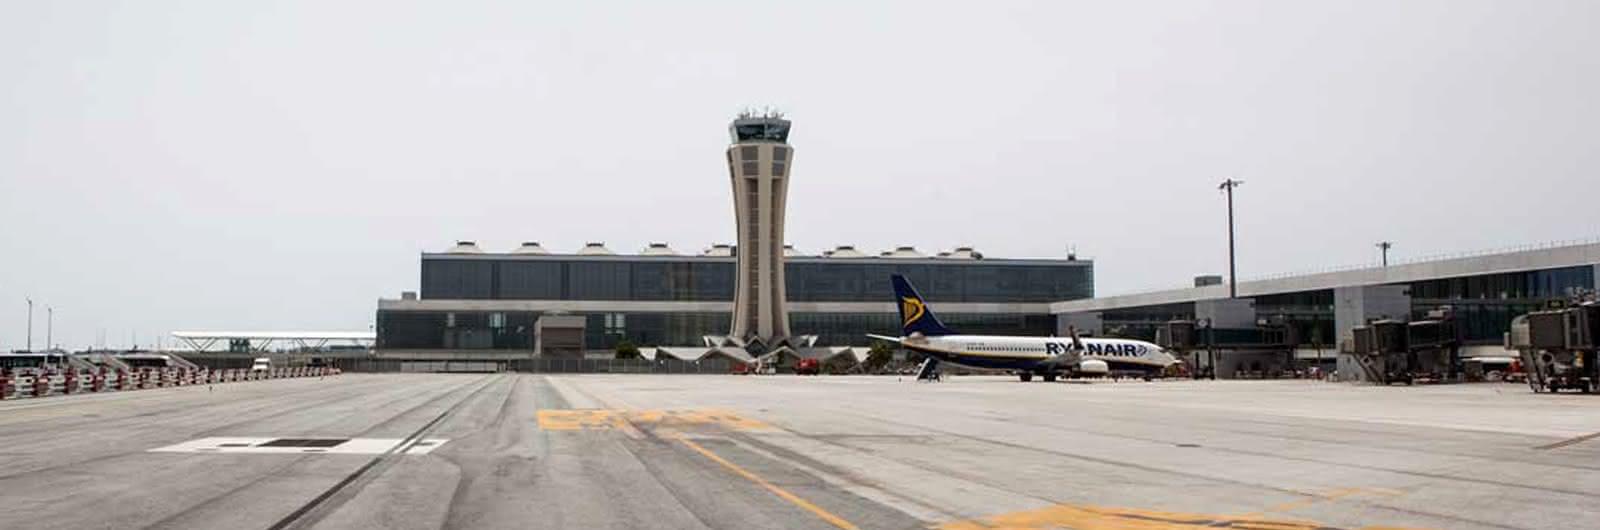 malaga airport header